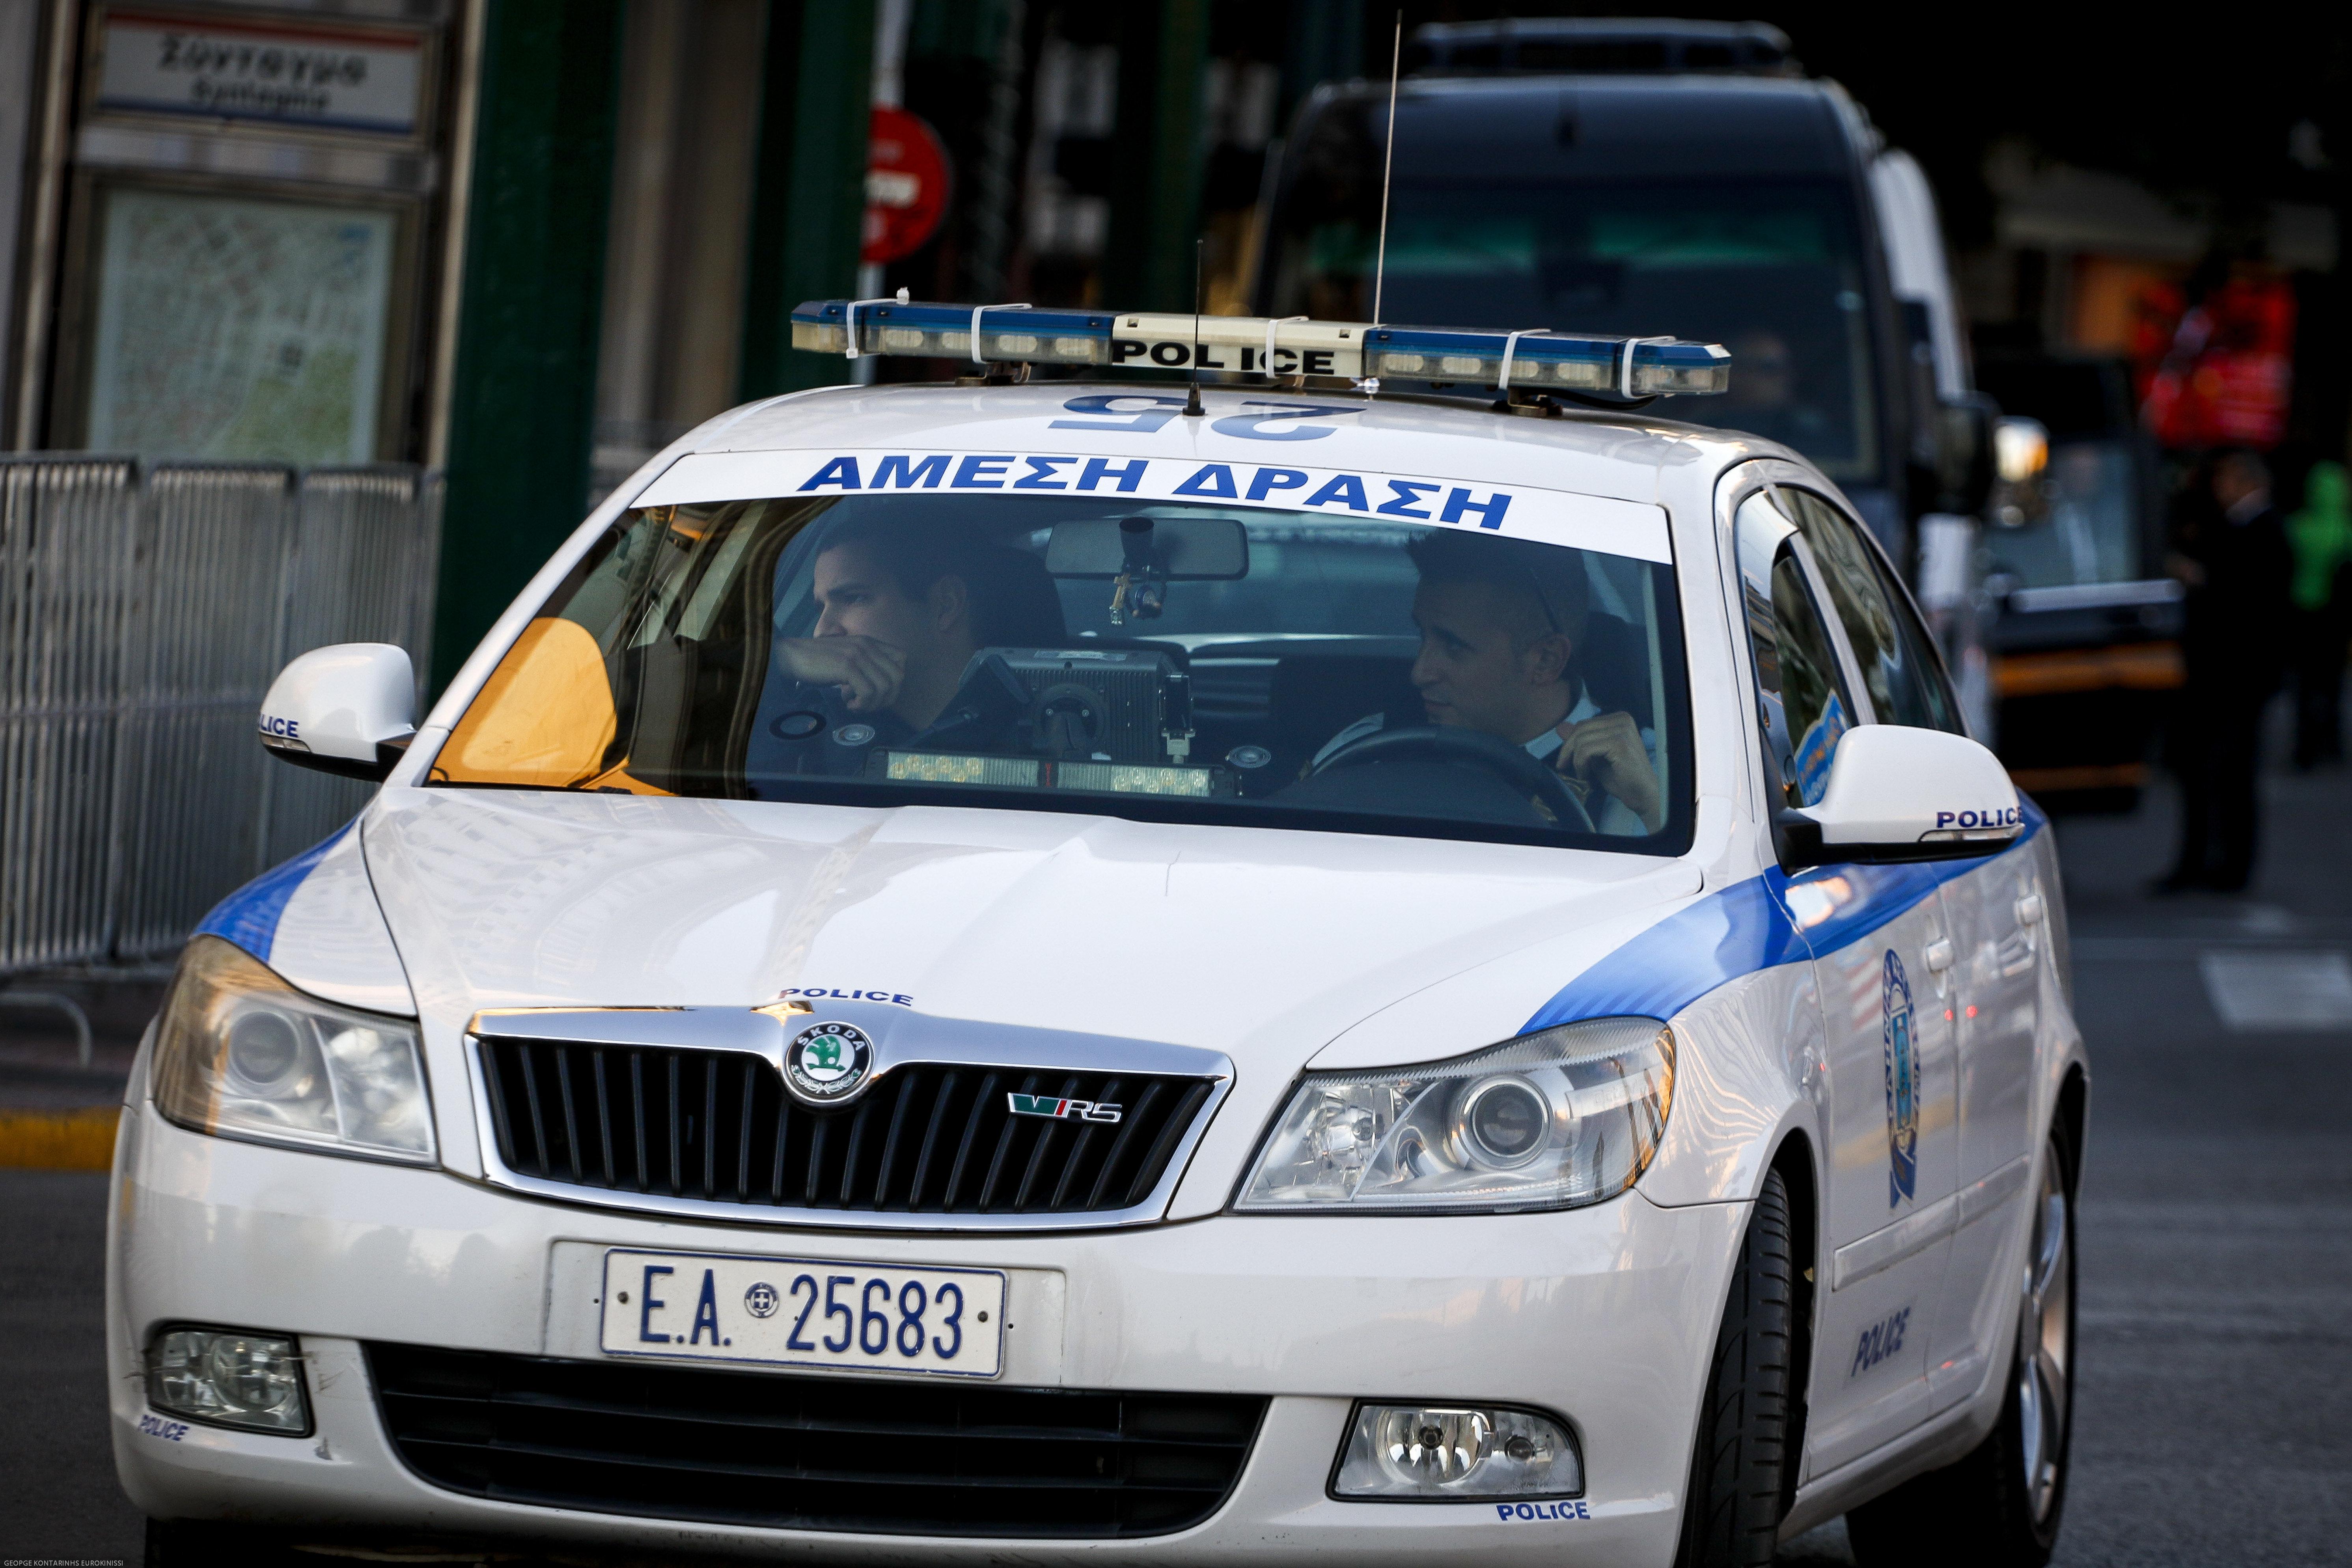 Αντιεξουσιαστές έριξαν πέτρες σε λεωφορείο που μετέφερε κόσμο για το συλλαλητήριο στη Θεσσαλονίκη